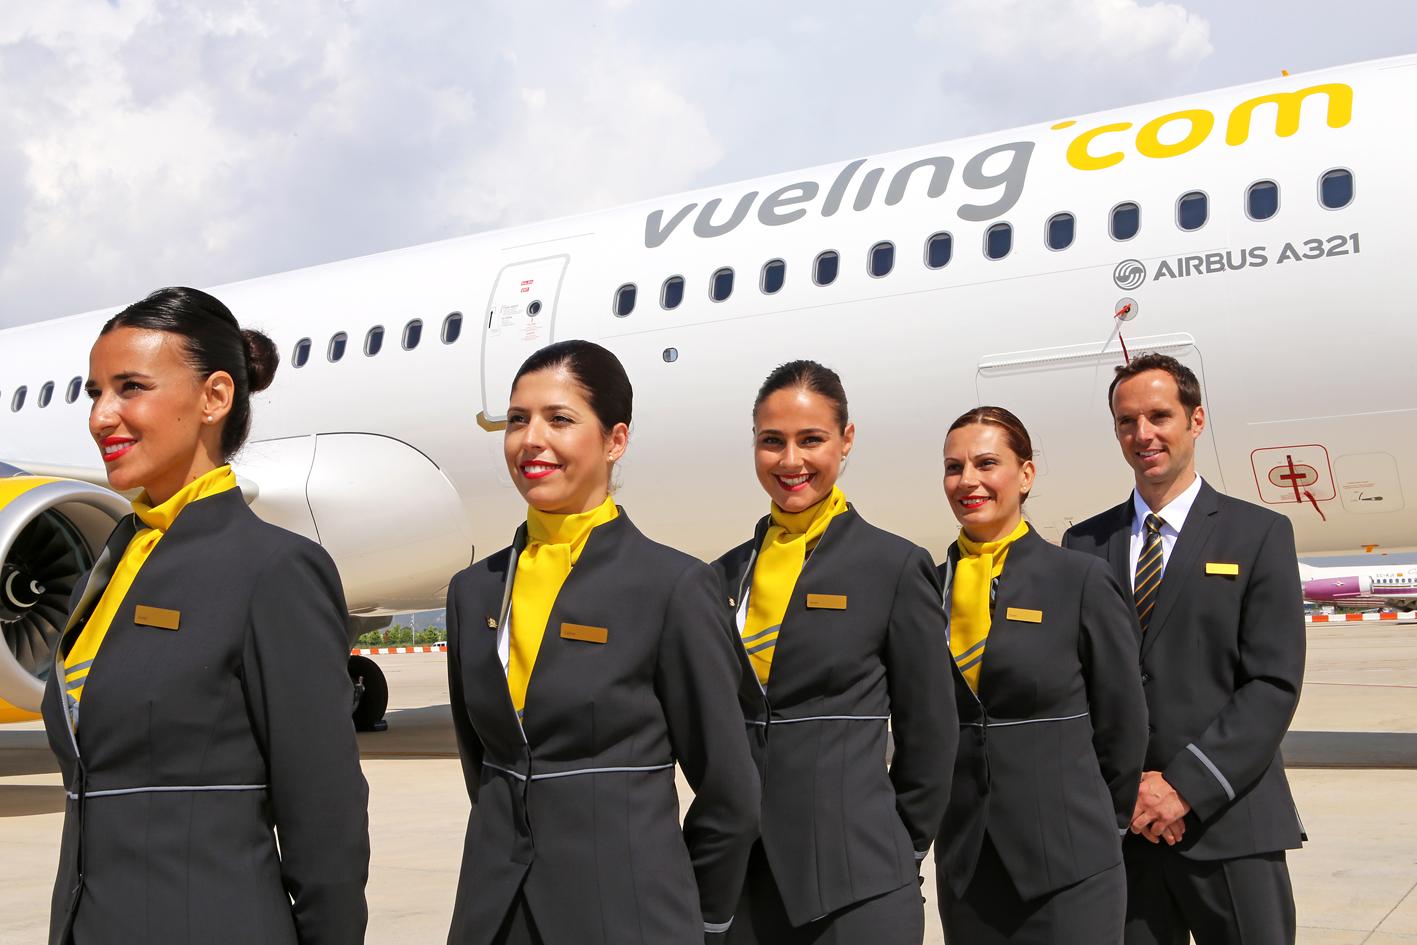 El aeropuerto de Castellón aumentó en número de pasajeros durante el pasado 2017